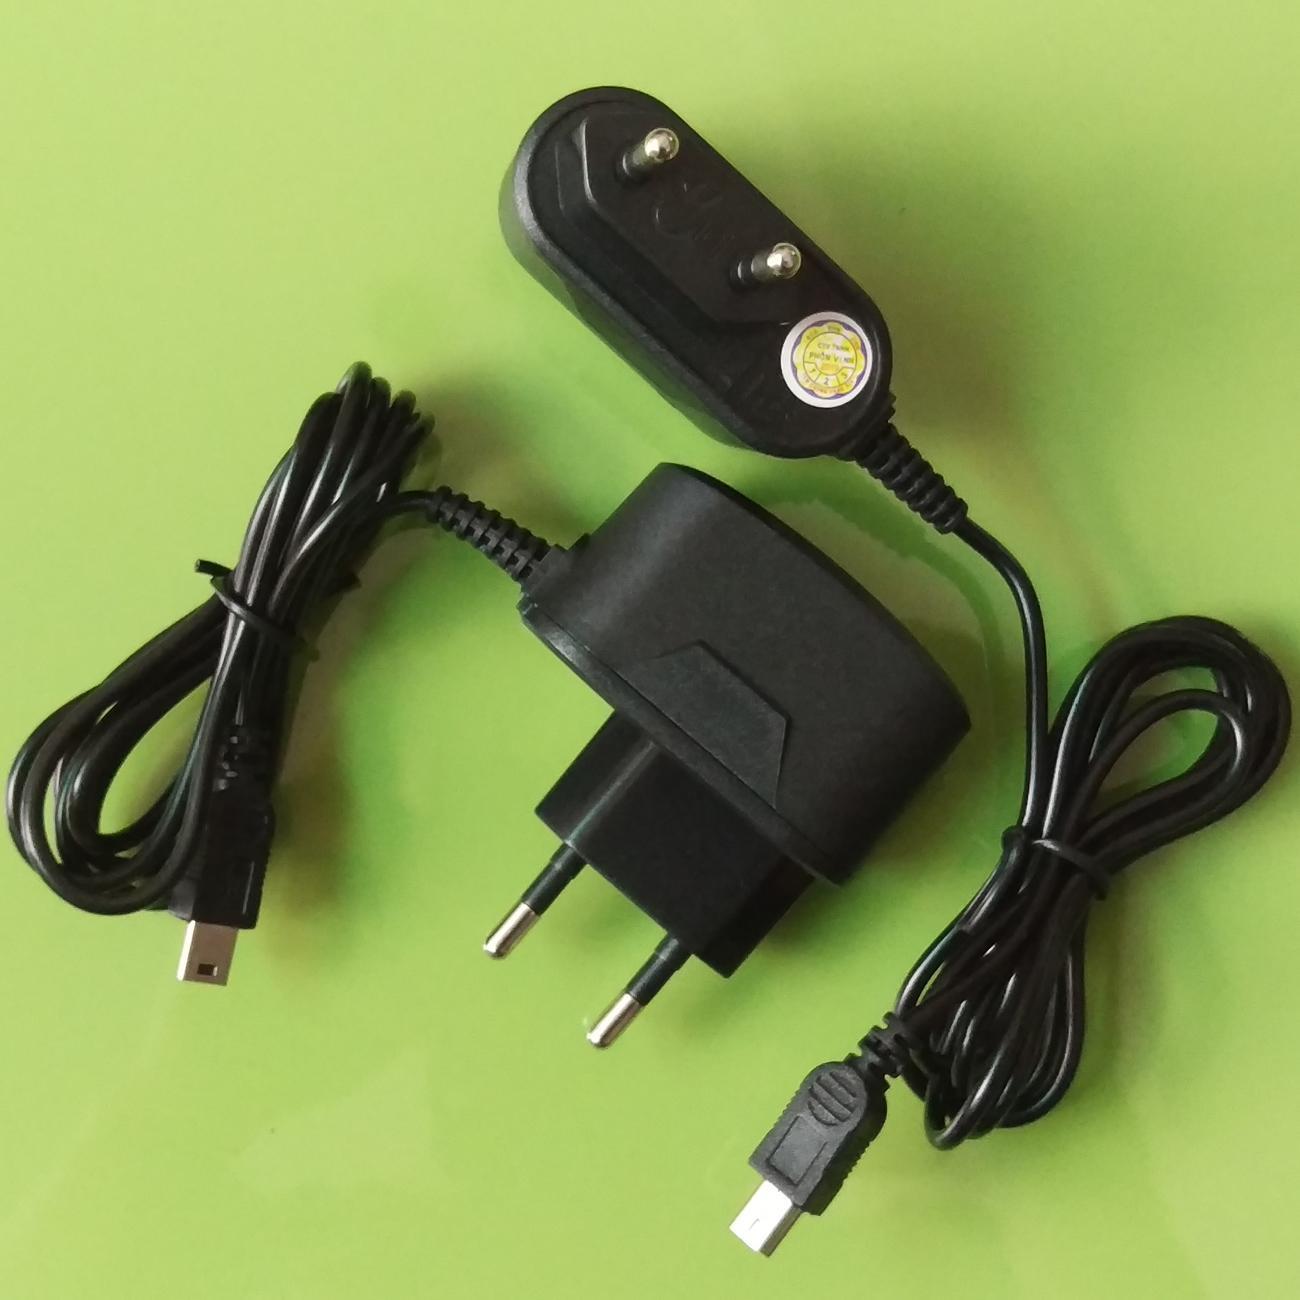 bộ sạc đầu đực ra hình thang (V3 ) cho HDD box, điện thoại, loa